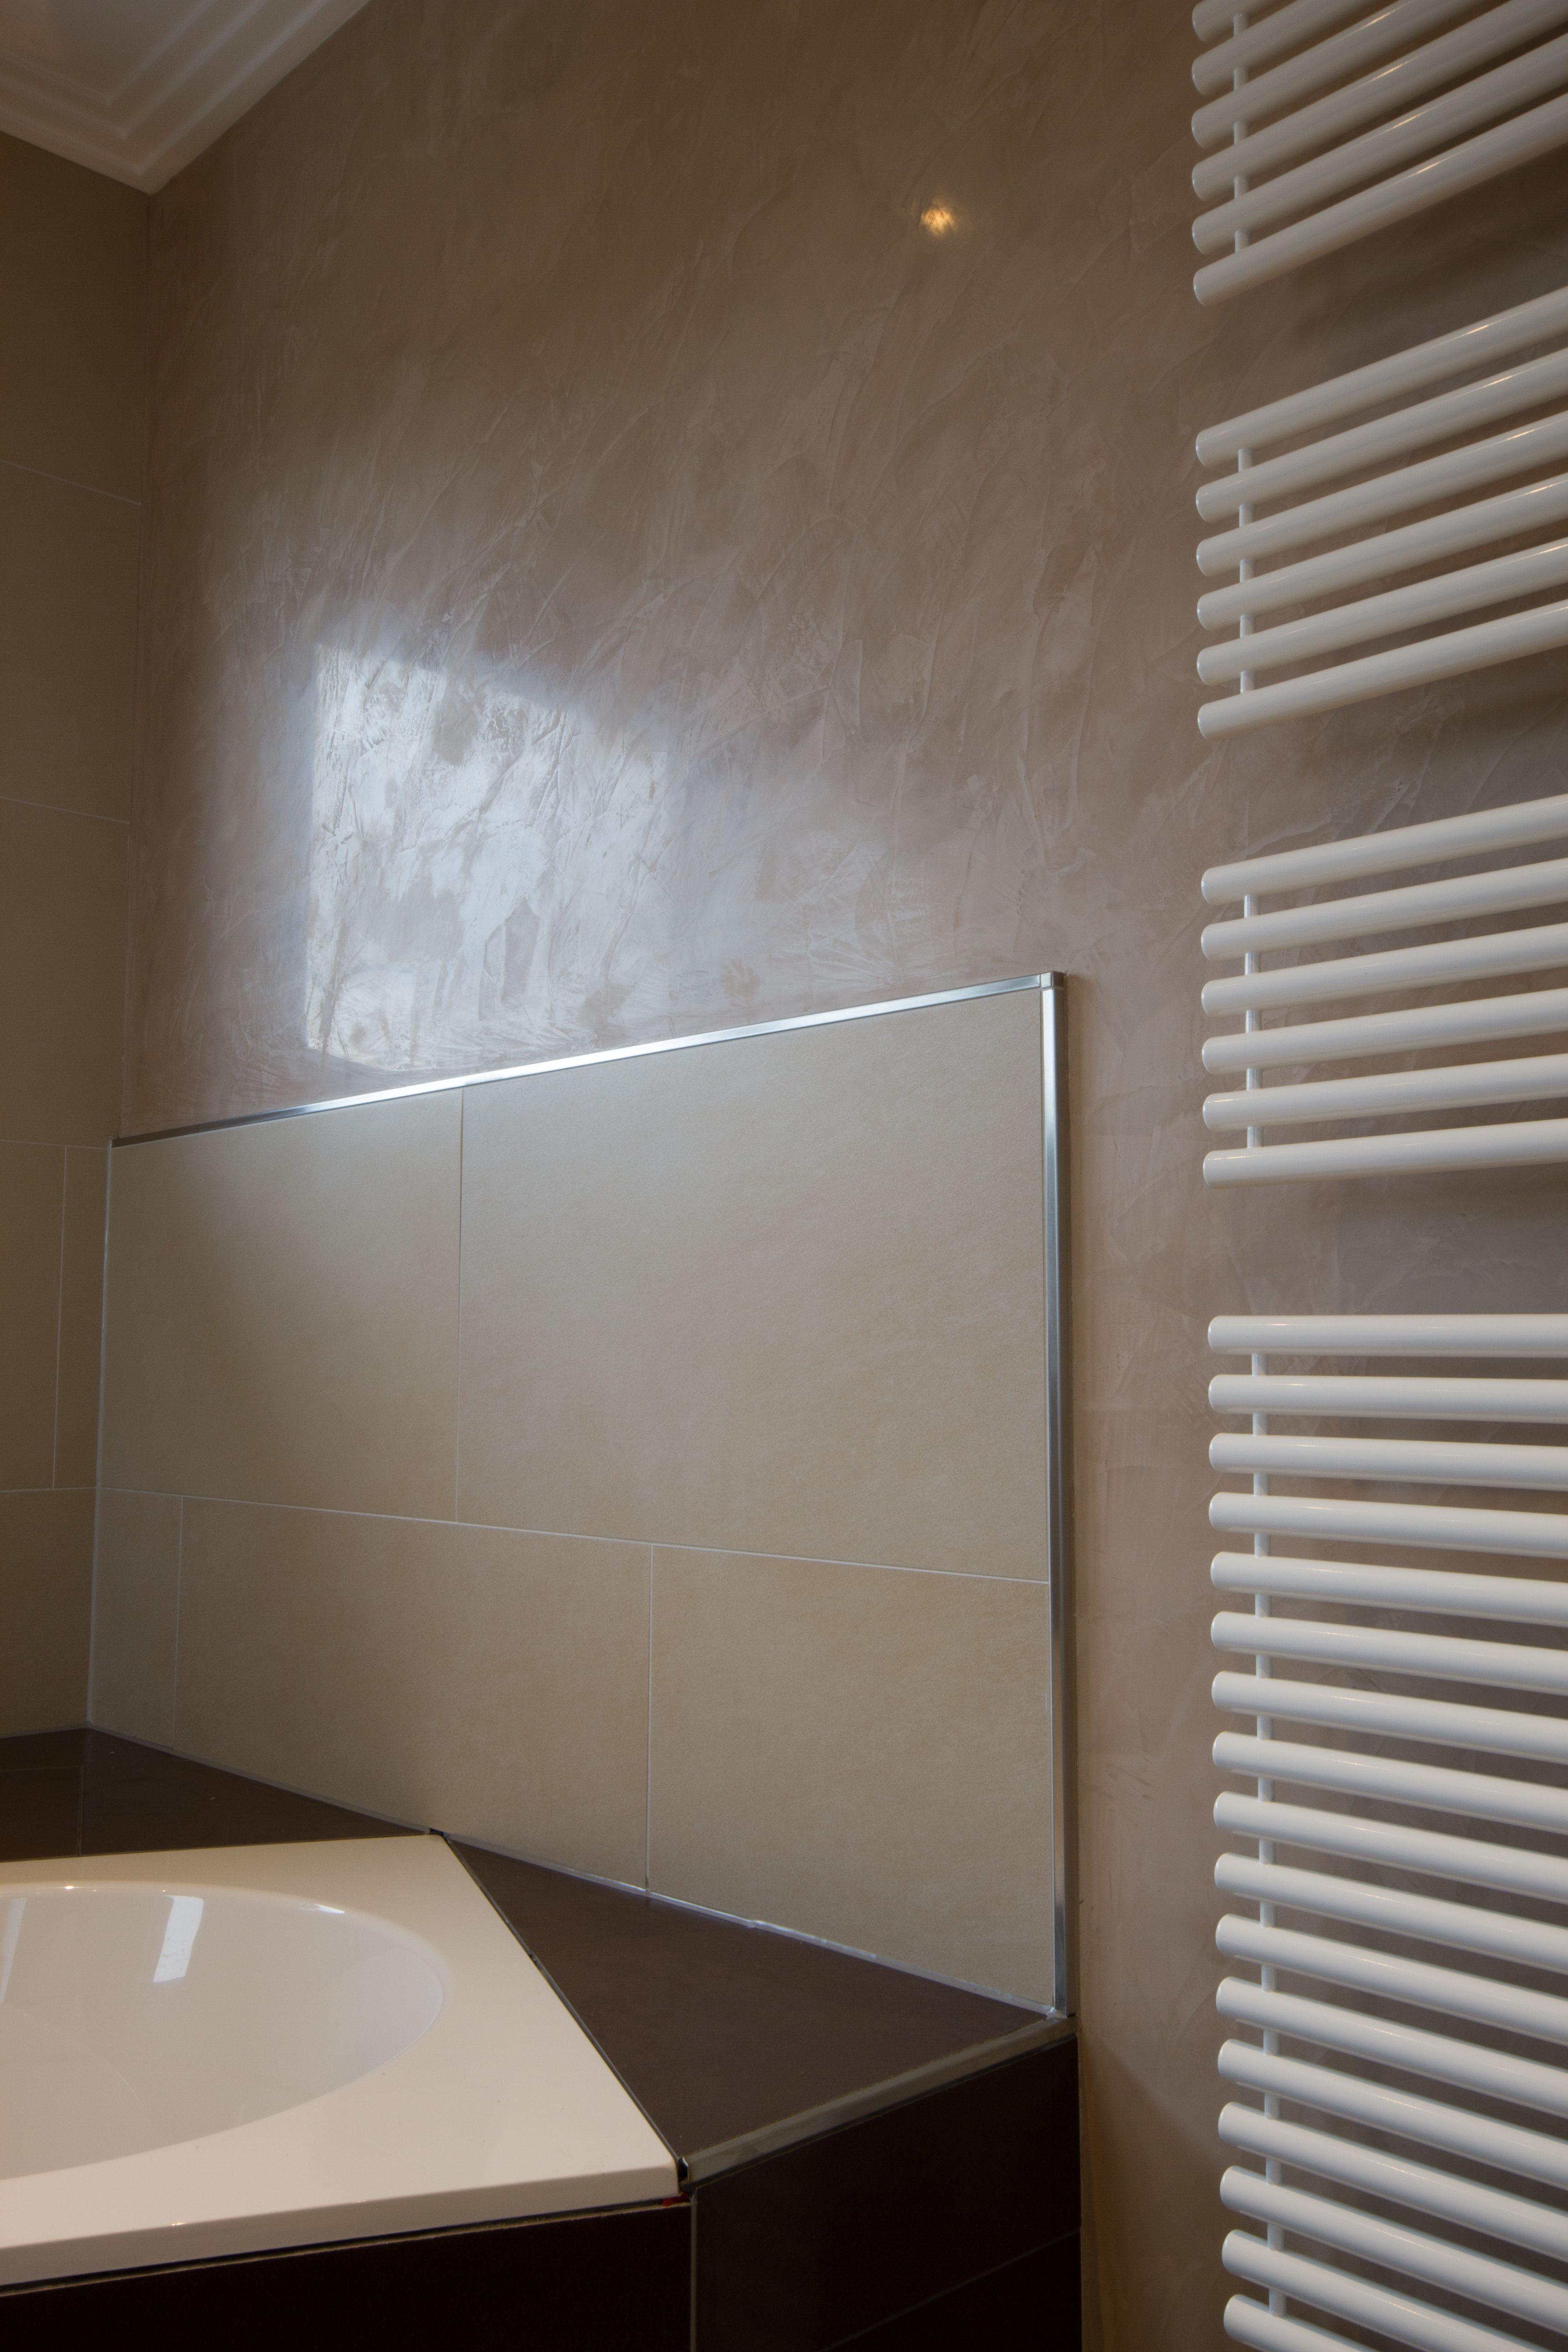 Mineralputz Badezimmer Wasserdichter Putz Dusche Fugenlose Design Boden